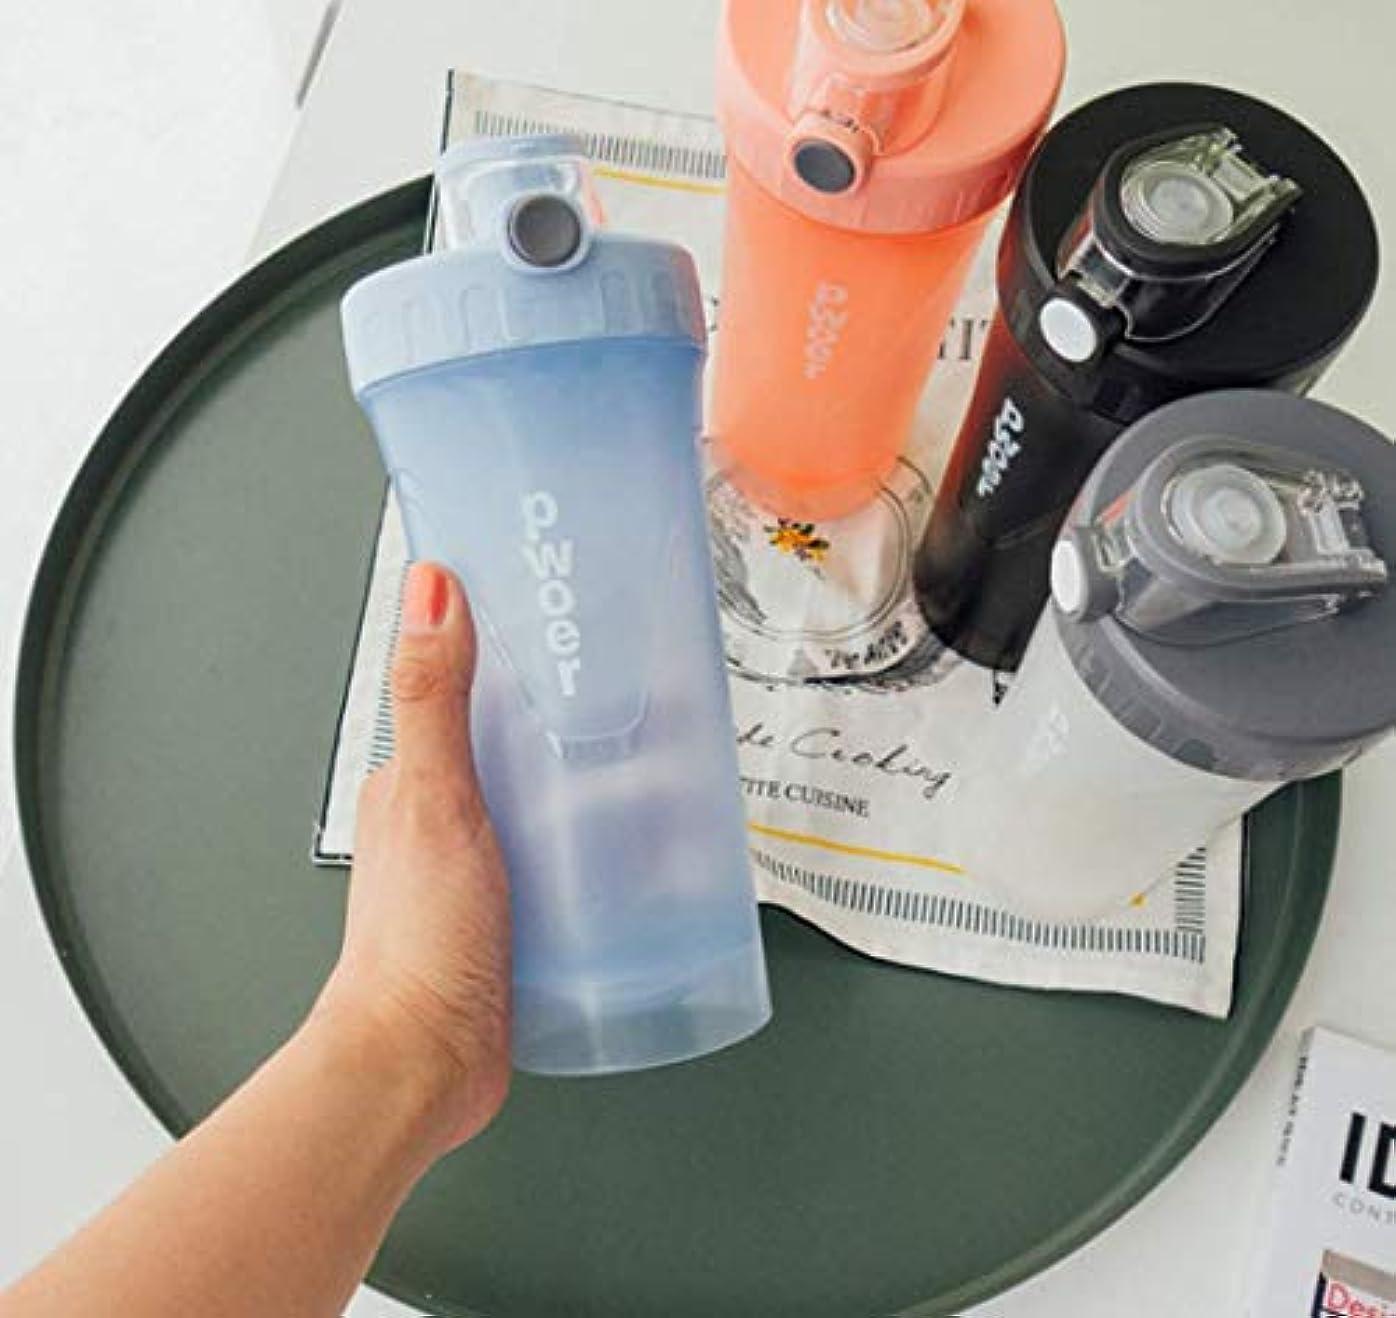 肉腫隣接マンハッタンプロテインシェーカー 栄養錠剤ビタミン入れ ダイエットドリンク用 タンパク質パウダーミキサーボルト 栄養補給 プロテイン 収納ケース 水筒 漏れ防止 シェーカーボトル